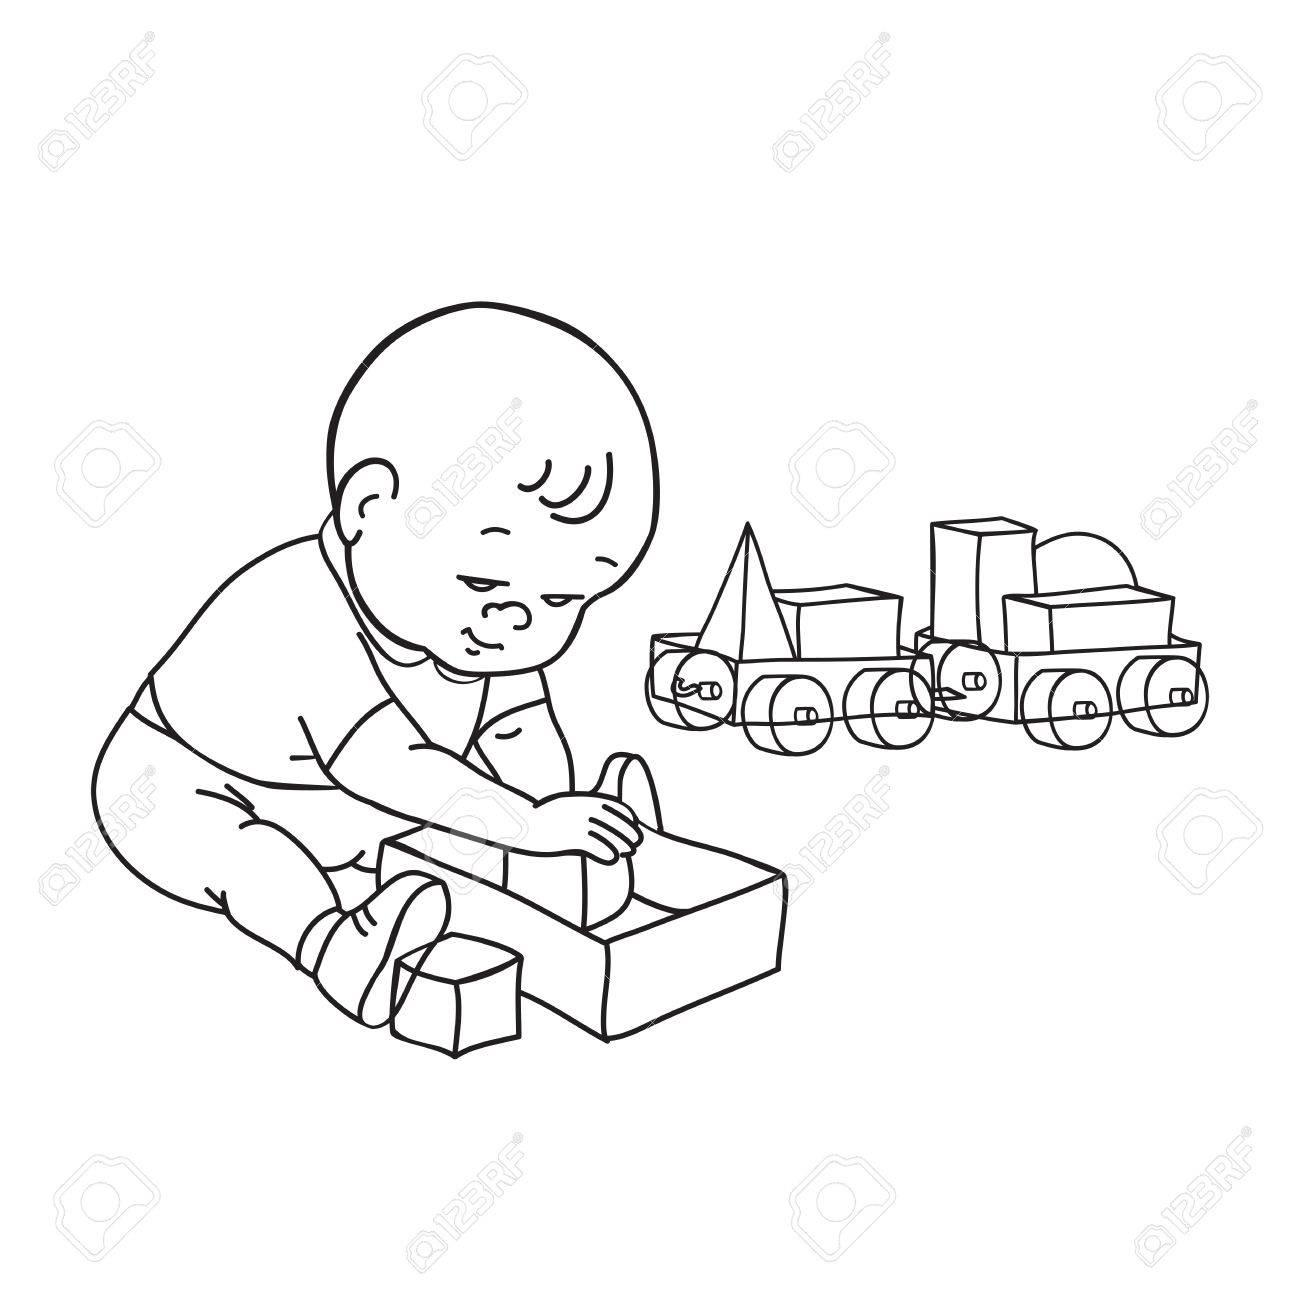 El Pequeño Bebé Precioso Jugando Con Juguetes. Niño Juega Con El ...